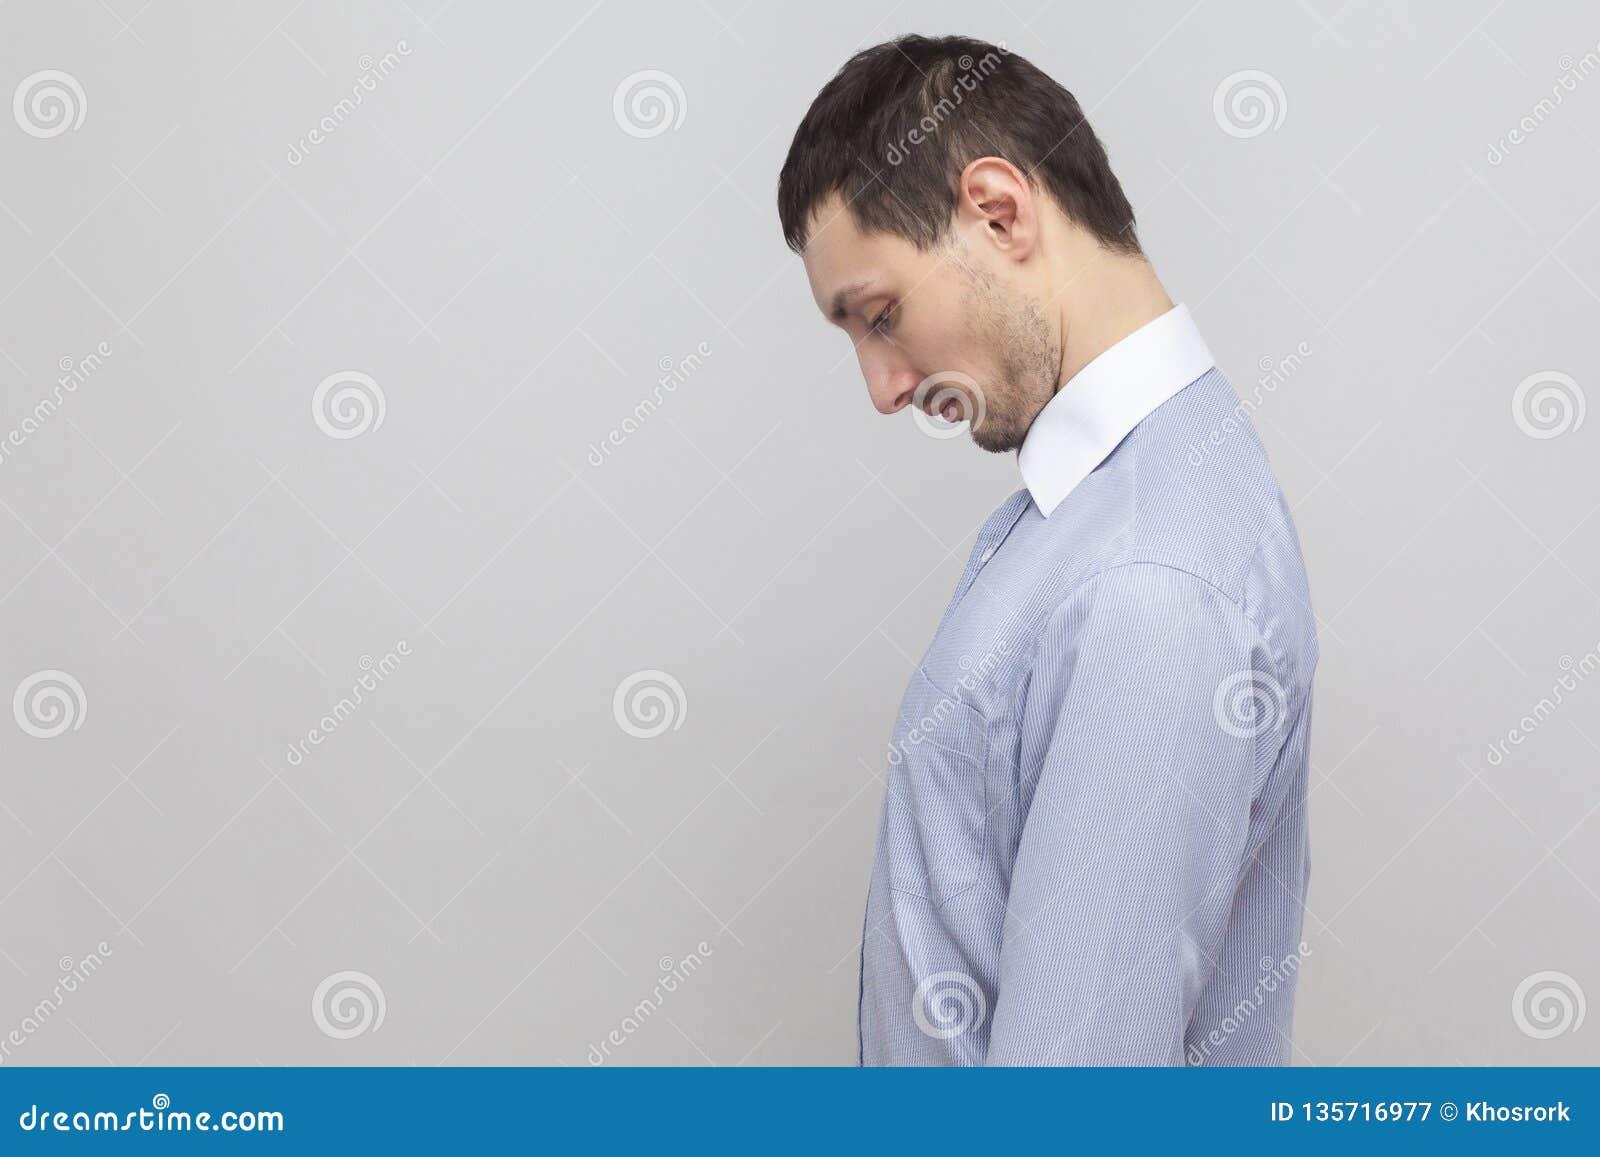 Retrato da opinião lateral do perfil do homem de negócios considerável deprimido triste da cerda na cabeça azul clássica da terra